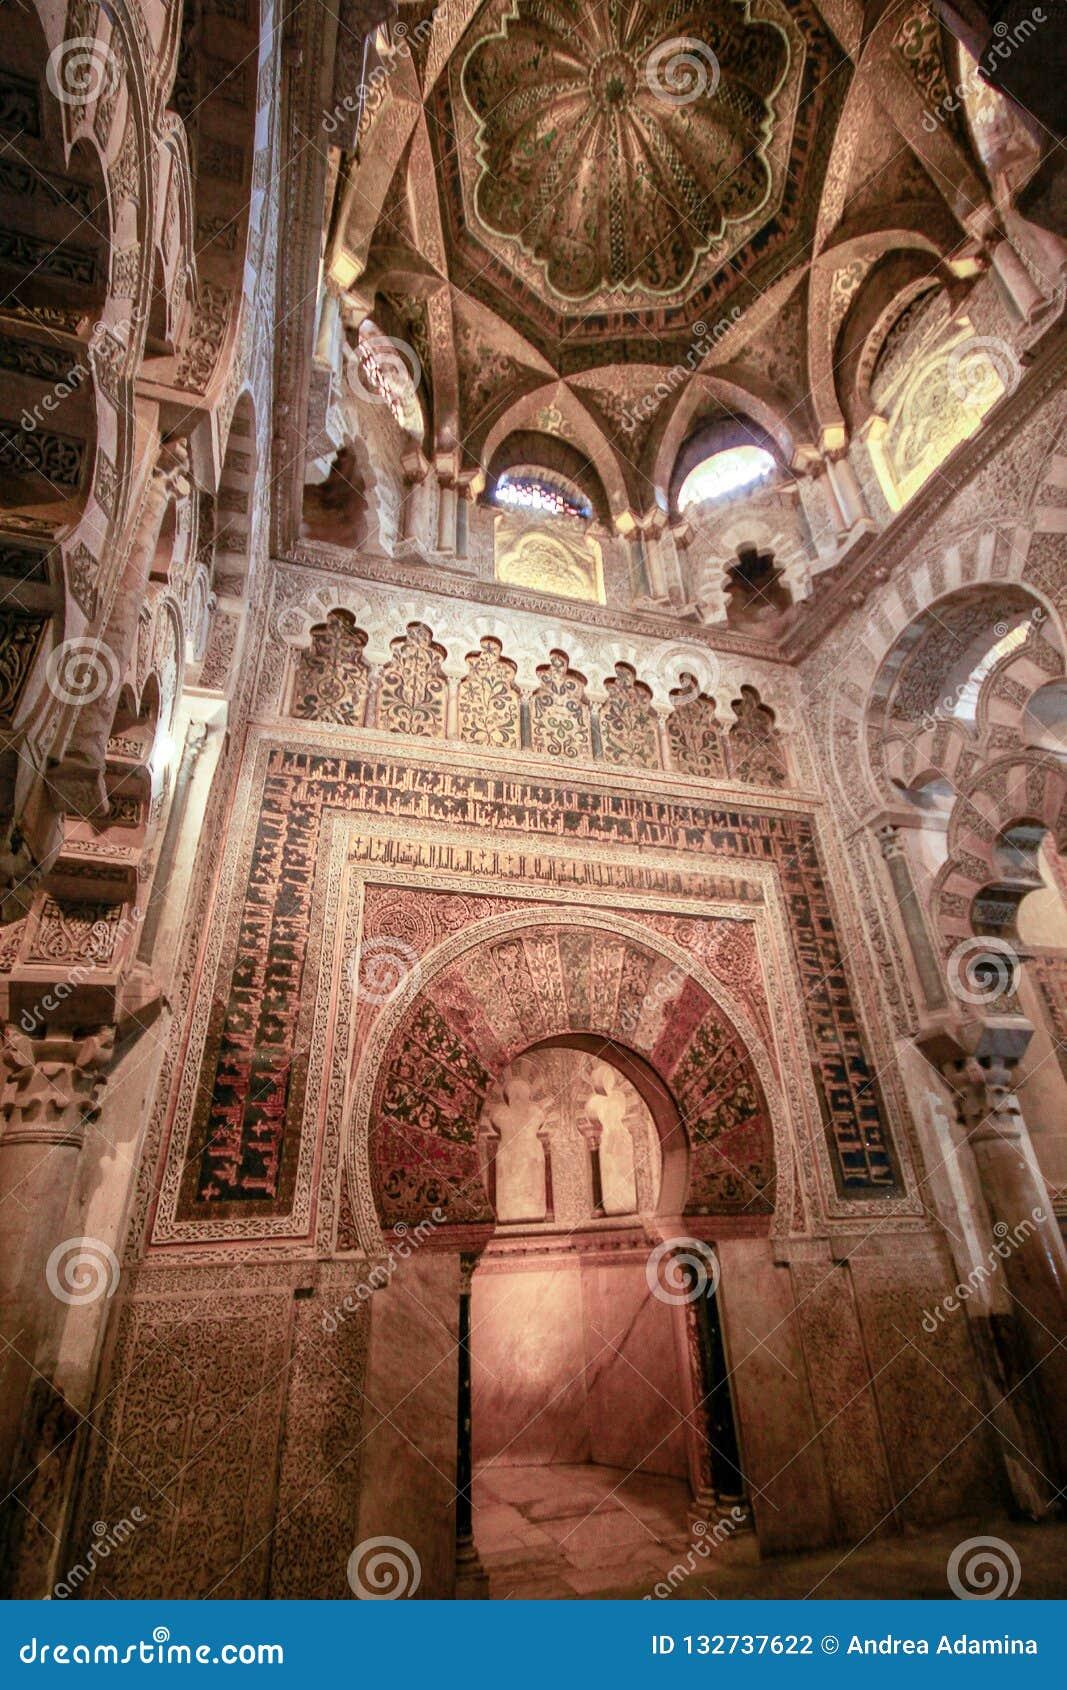 Der Innenraum der Kapelle von Villaviciosa in der Süßhülsenbaummoschee Mezquita in Cordoba Spanien Andalusien